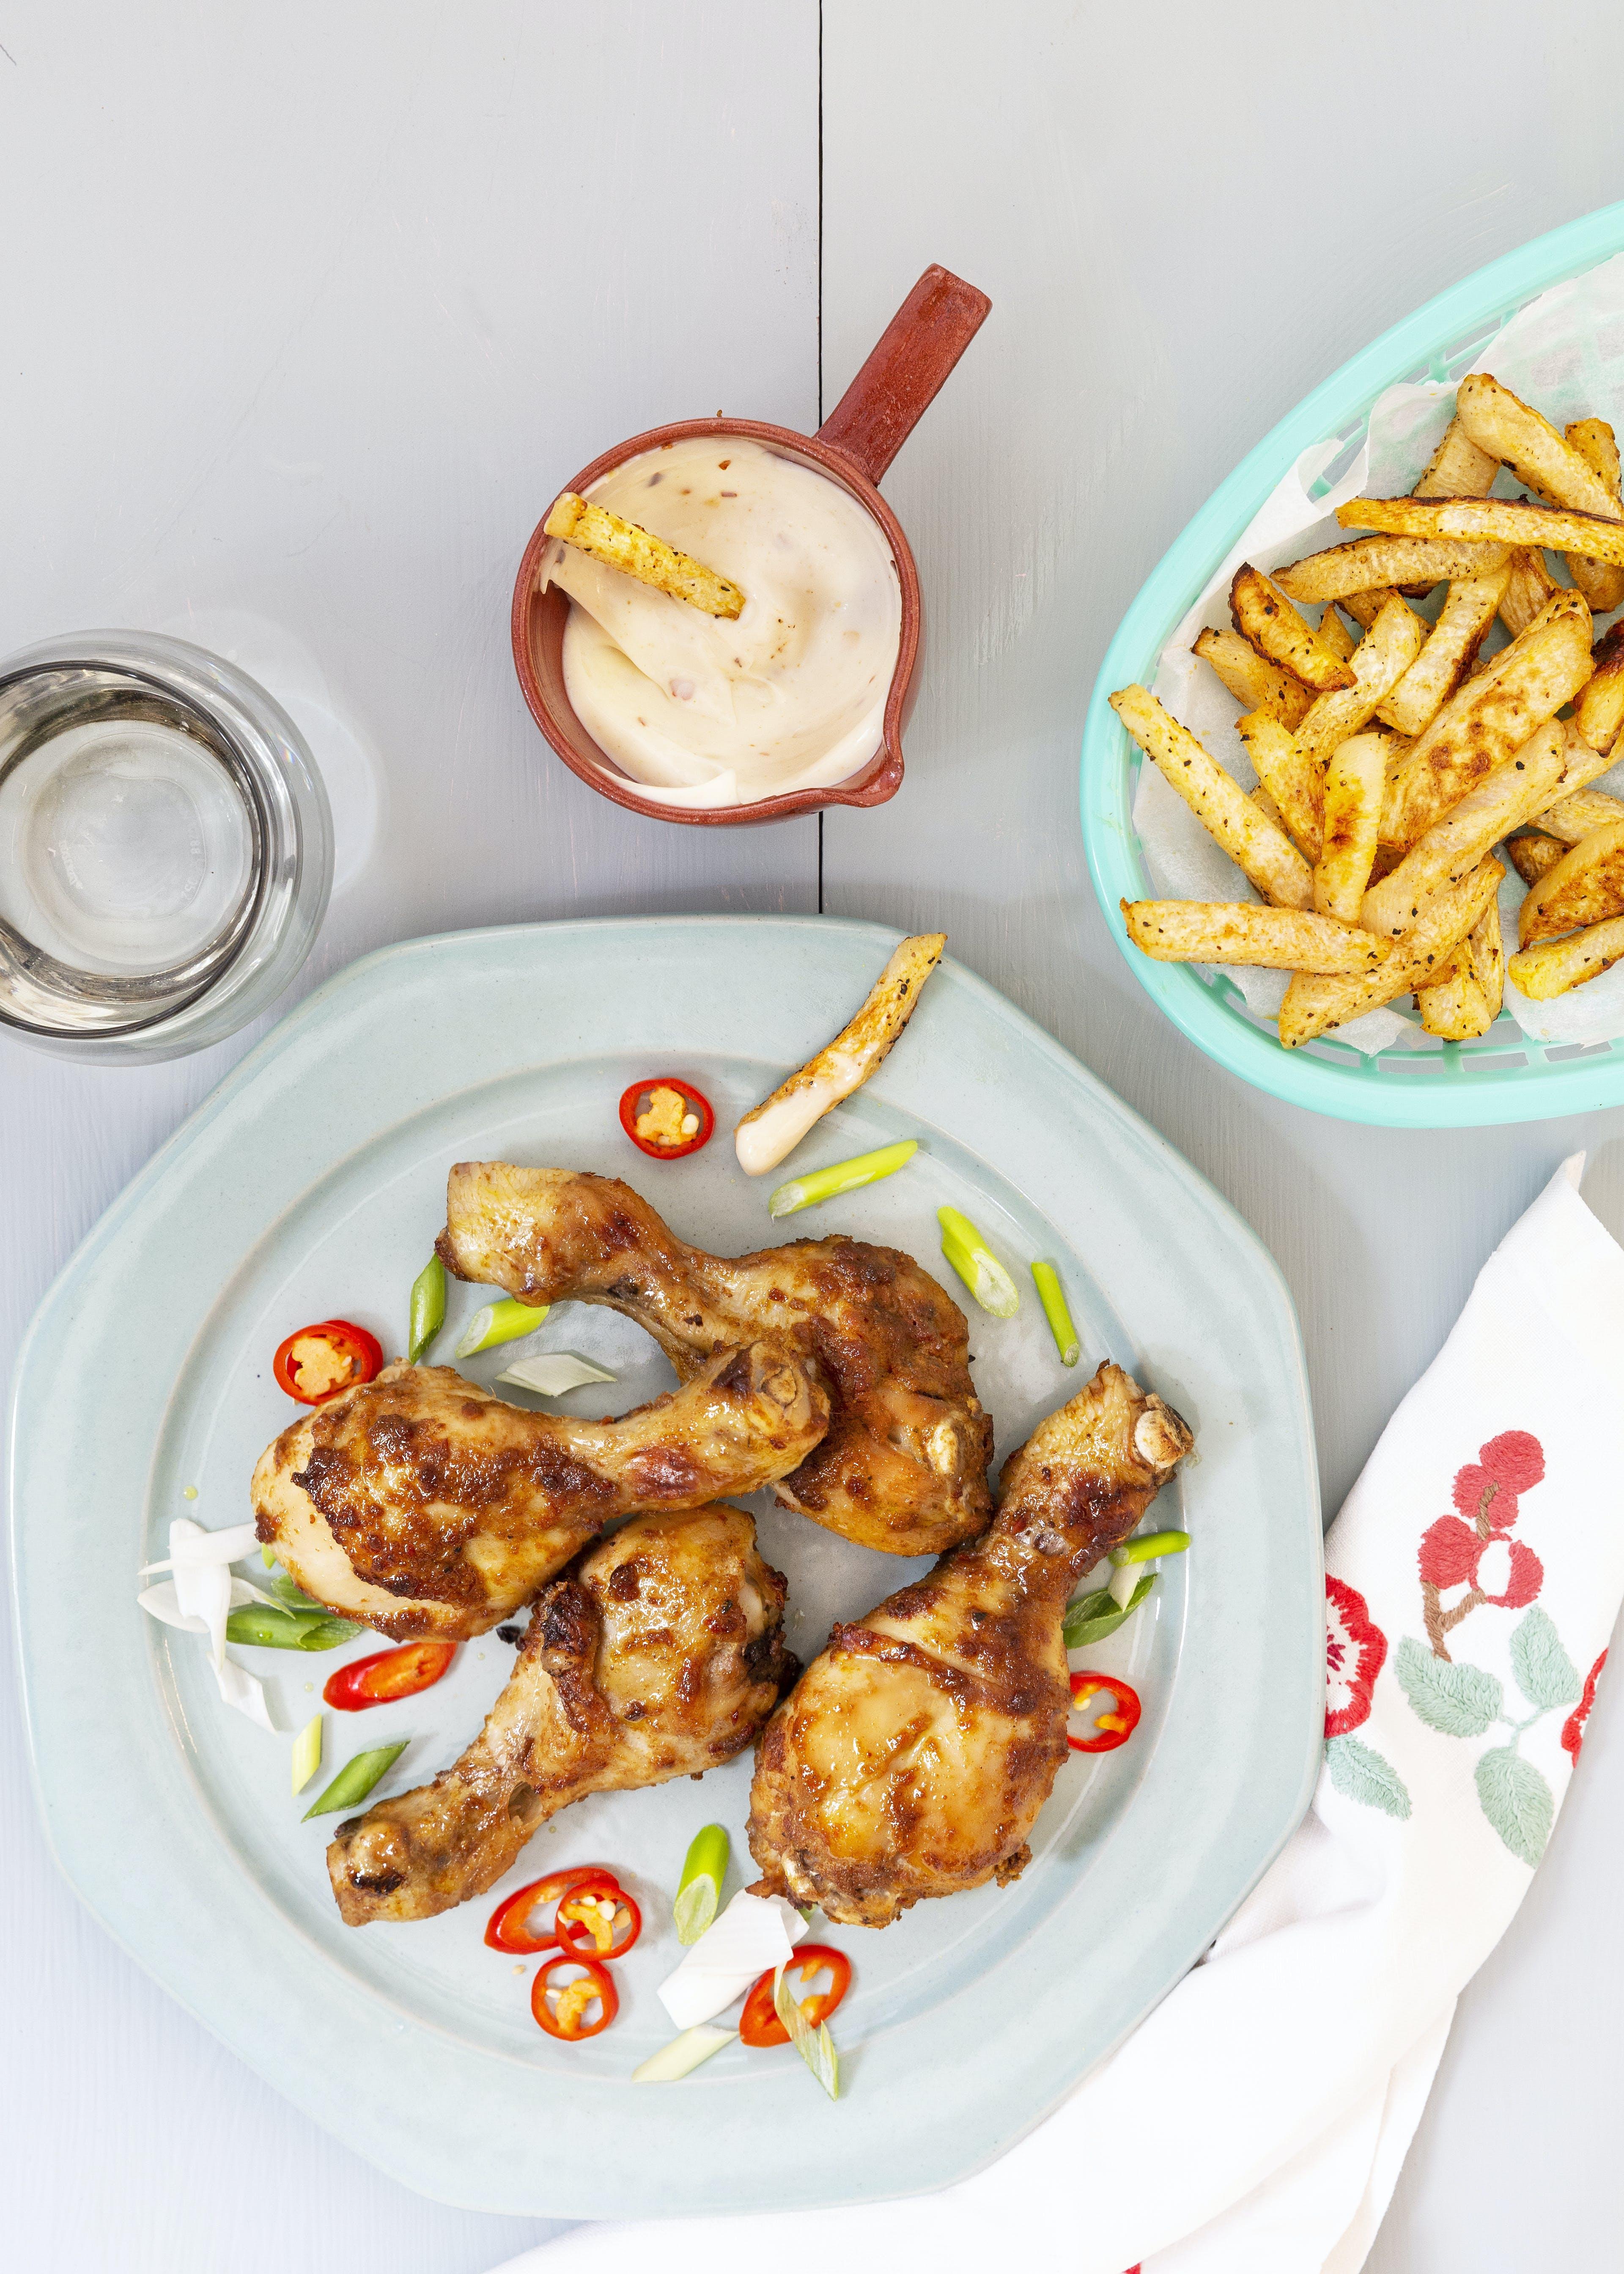 Chicken drumsticks with keto fries